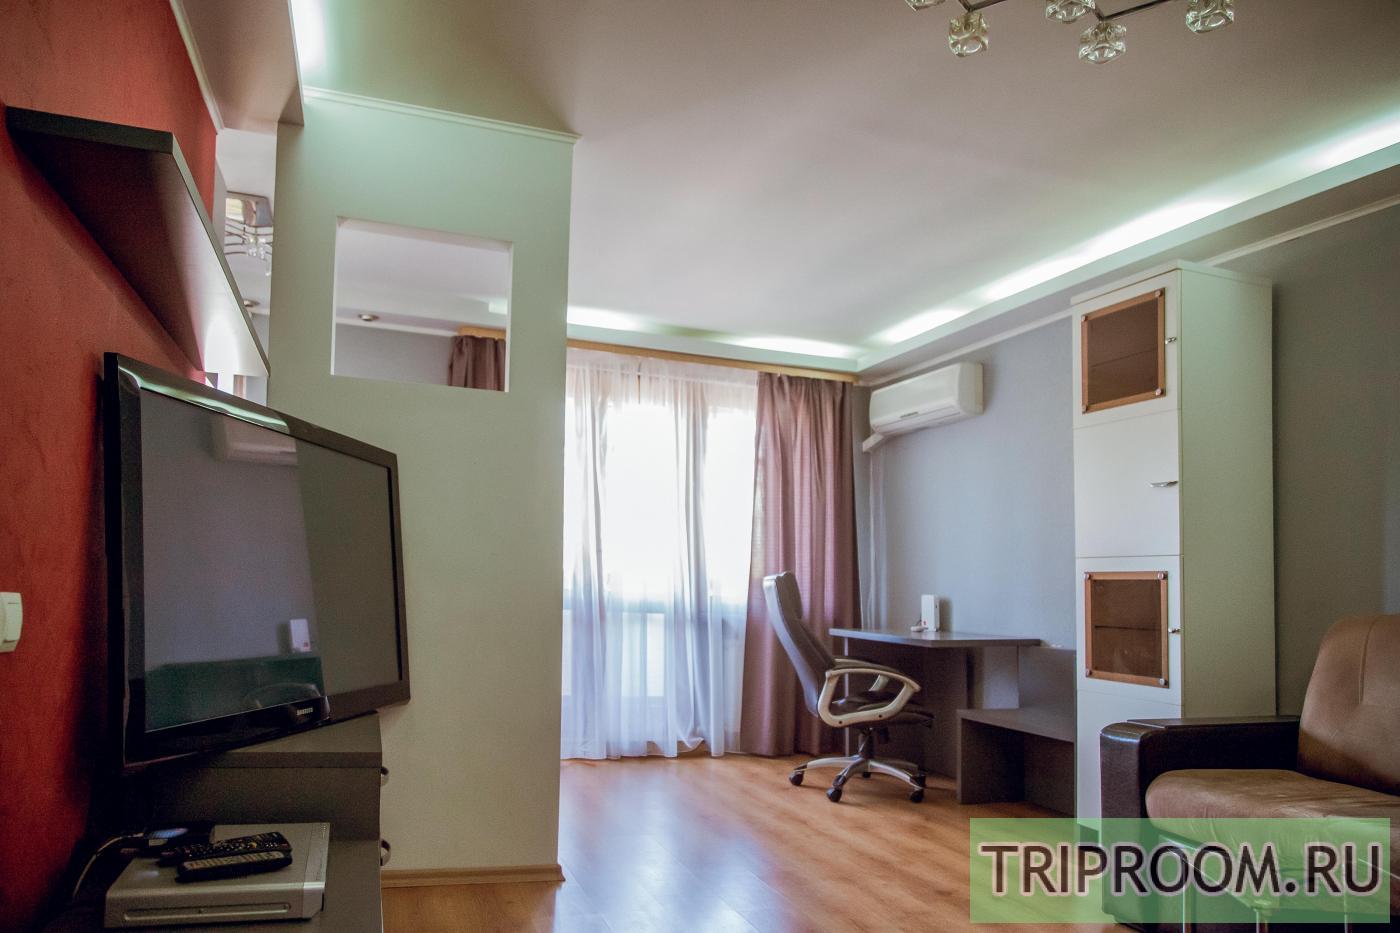 2-комнатная квартира посуточно (вариант № 10786), ул. Станкевича улица, фото № 8